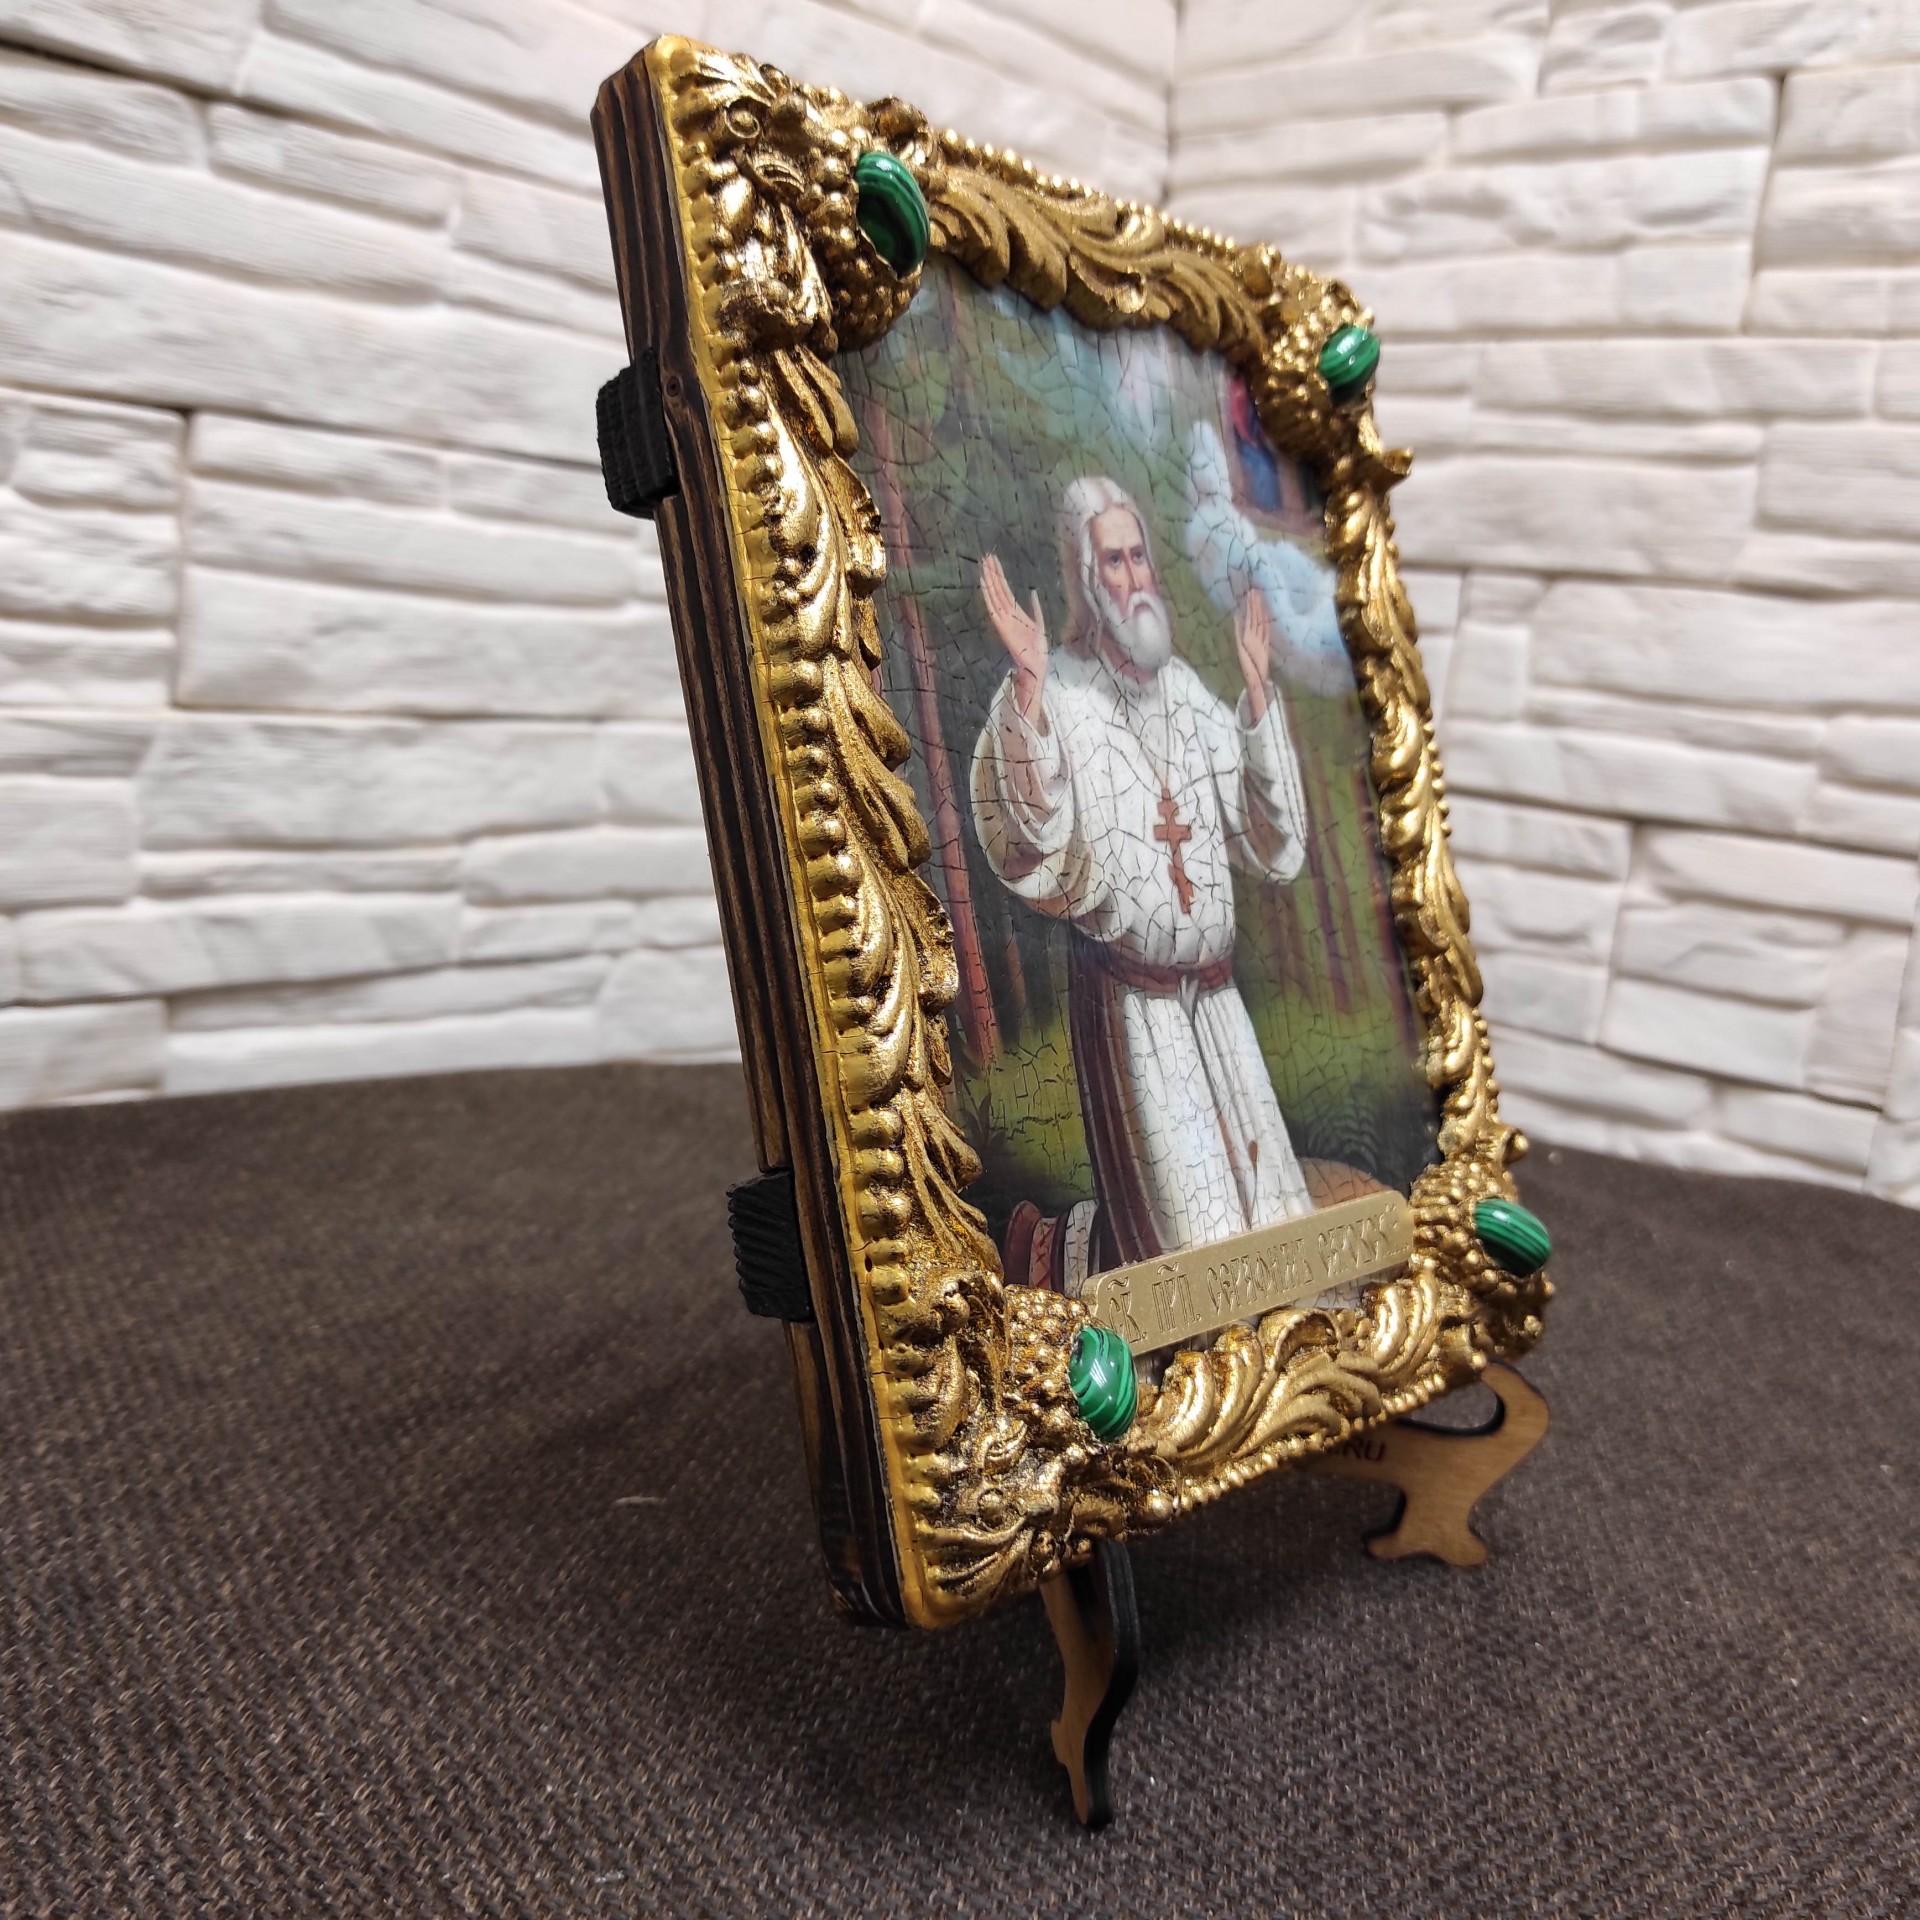 Фотография общий вид на подставке без футляра авторской иконы Серафима Саровского с камнями повернута